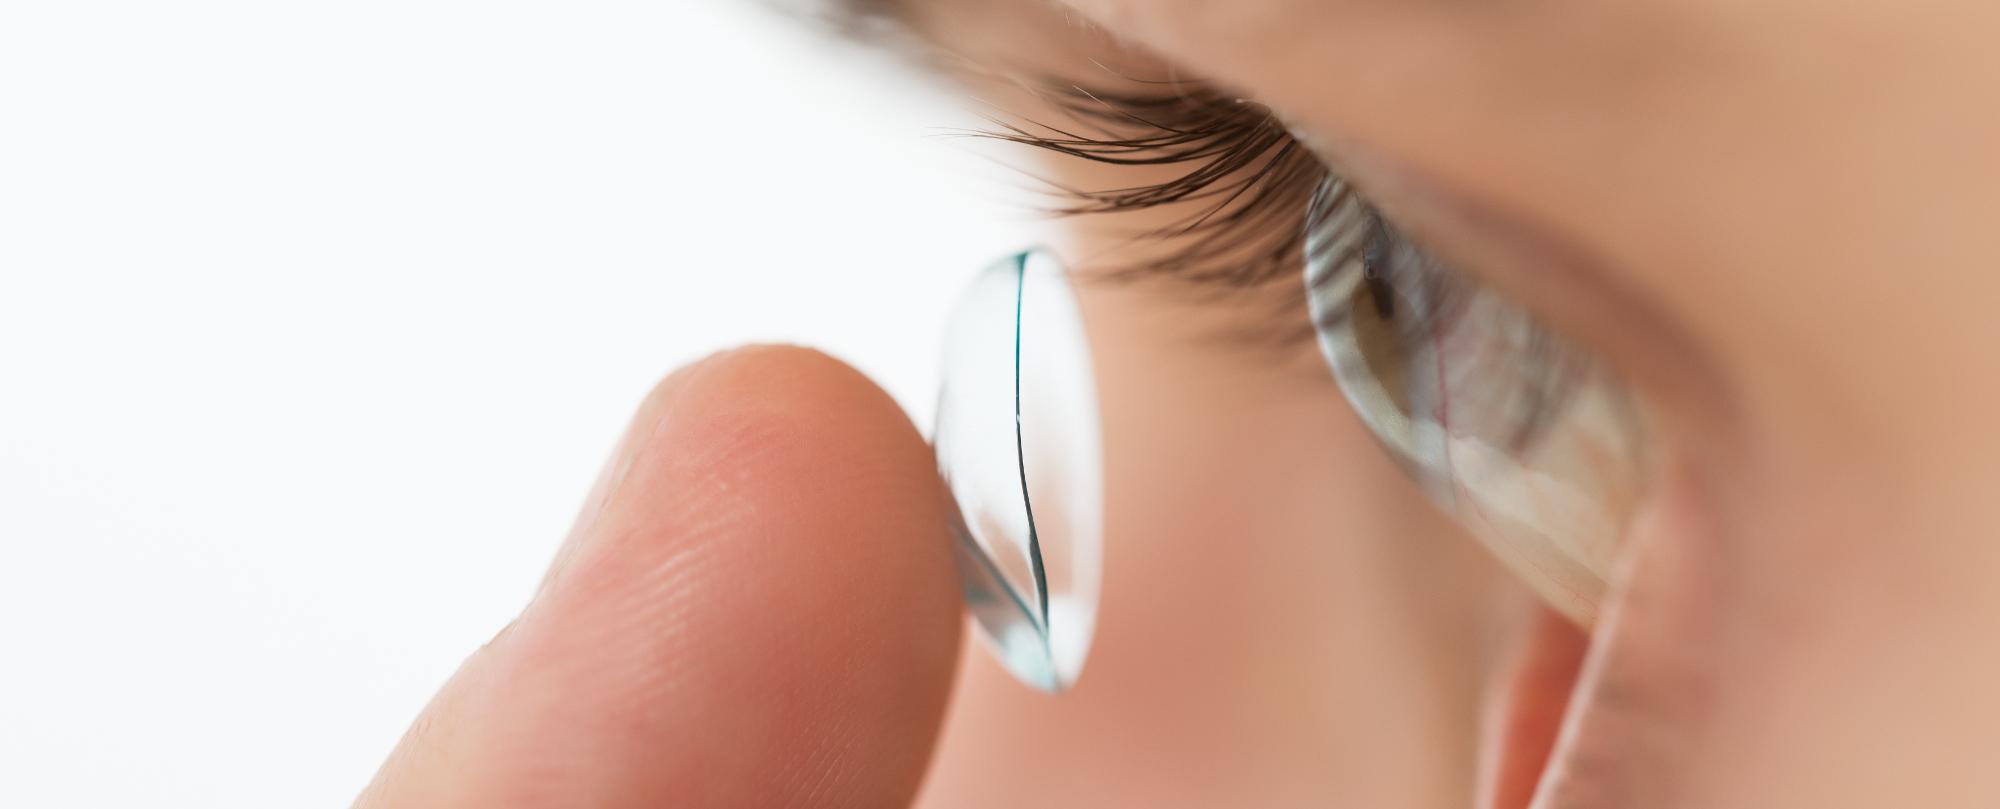 Marile avantaje ale folosirii lentilelor de contact colorate